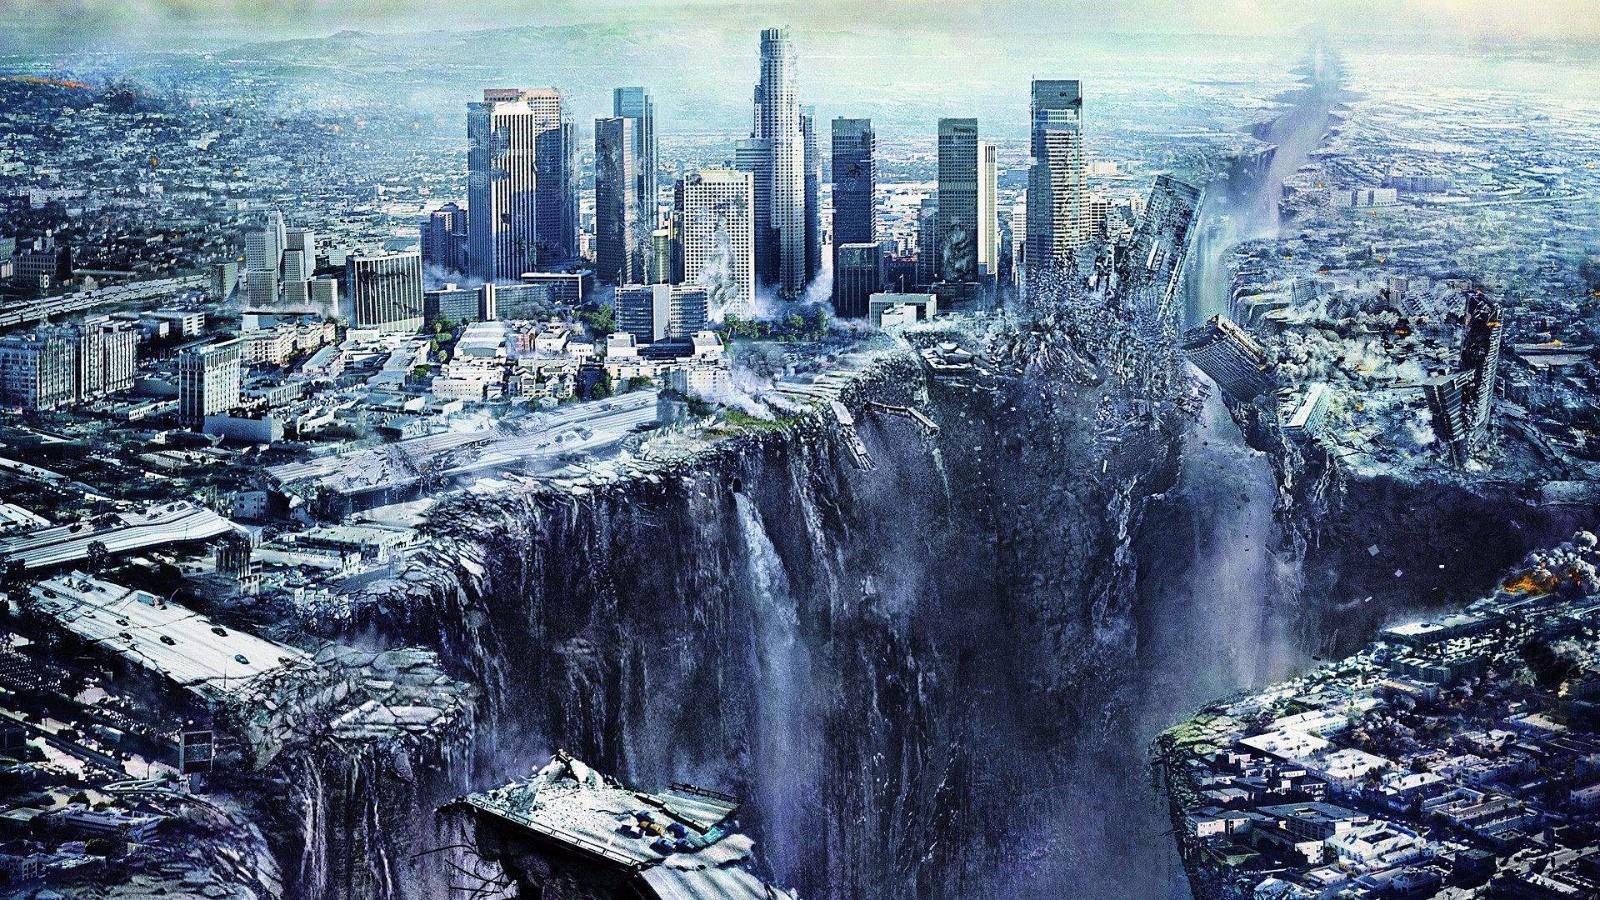 如果世界末日来了,你会选择开什么车逃跑